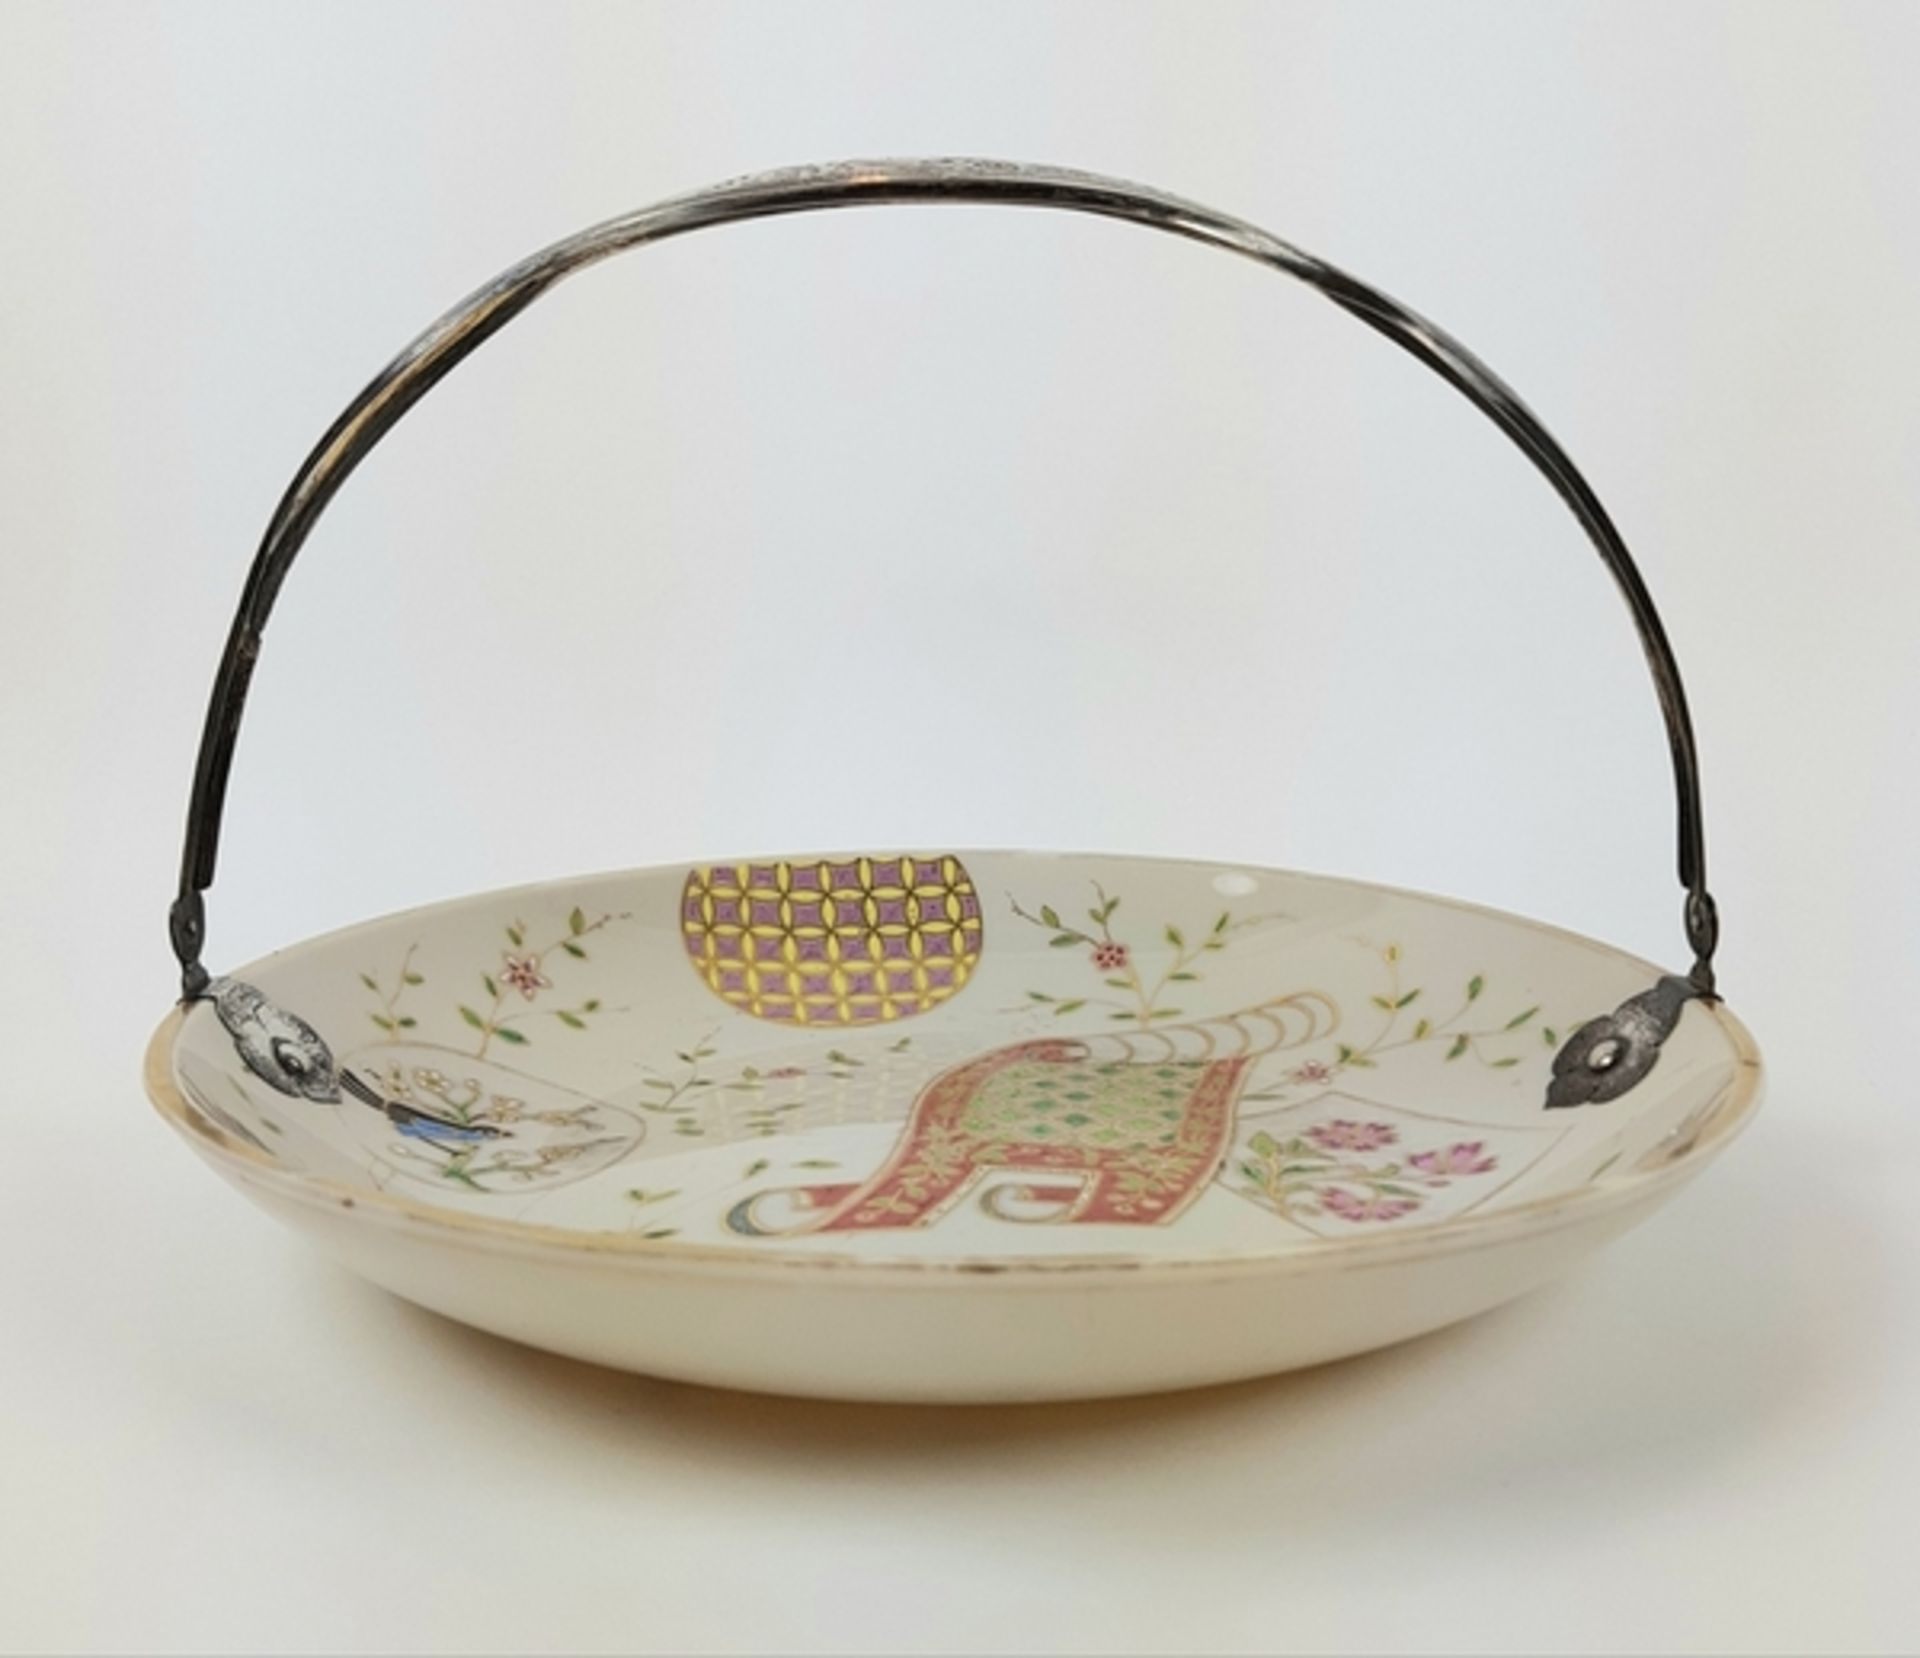 (Antiek) Serveerschaal met zilveren hengselBeschilderde opaline schaal met zilveren hengsel, ci - Image 2 of 8